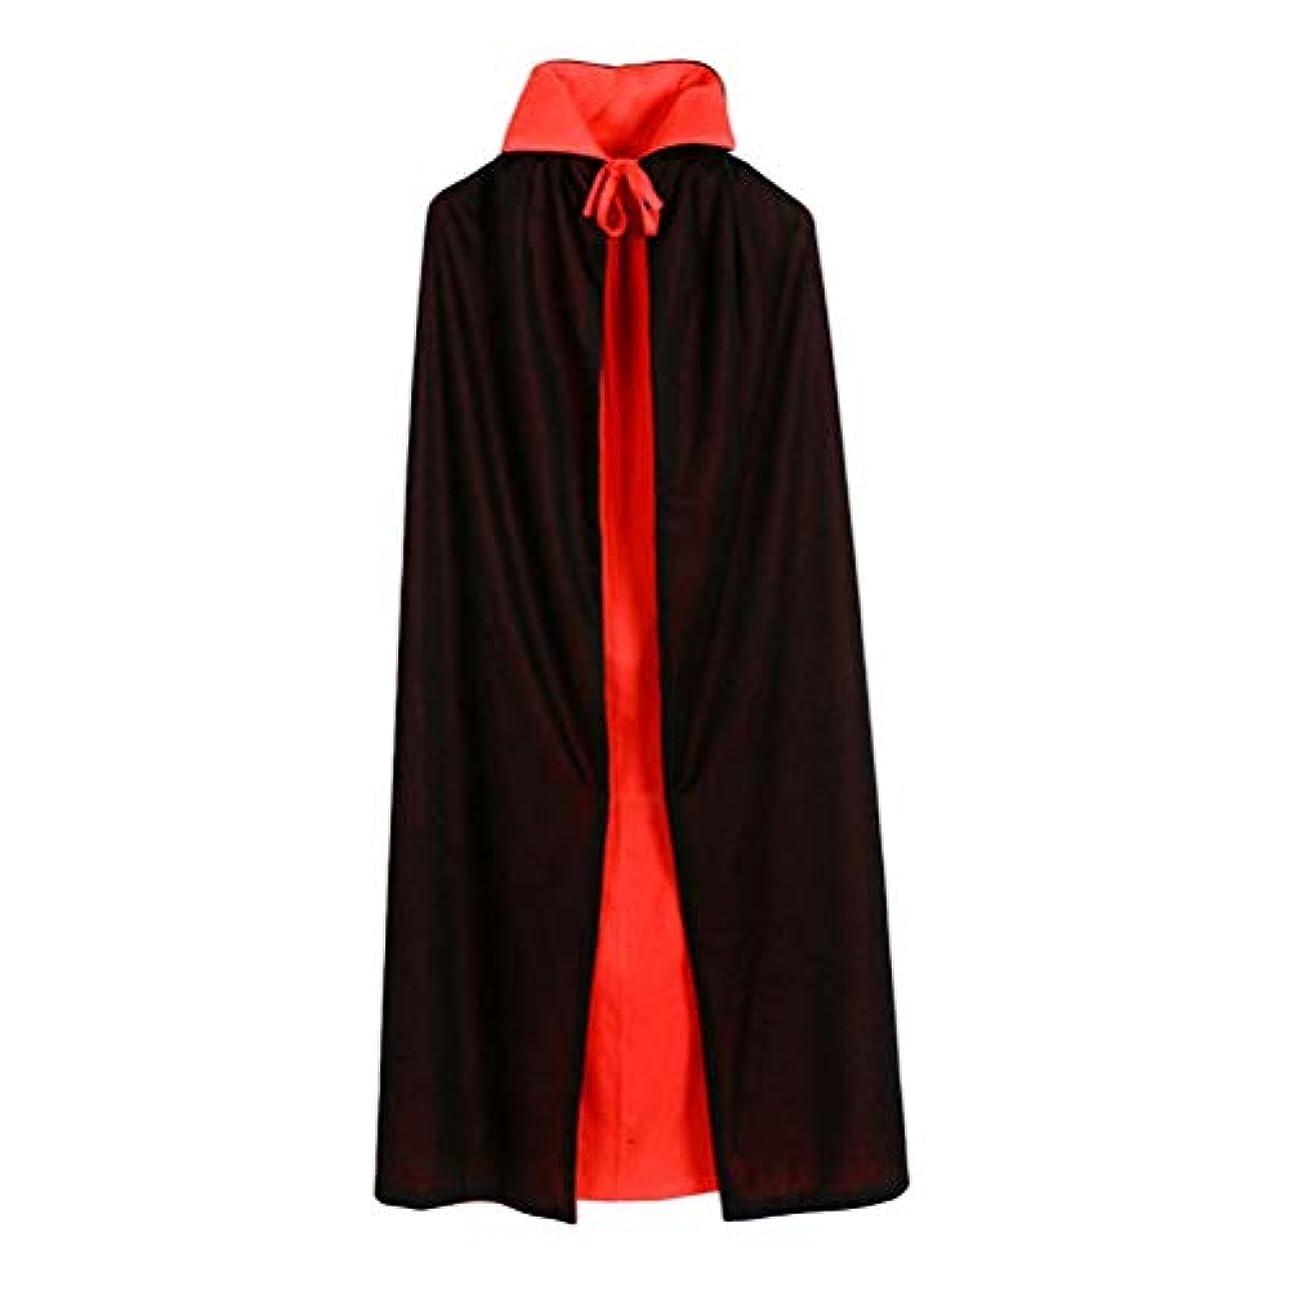 問い合わせ幻想的パンチToyvian ヴァンパイアマント二重層黒と赤のフード付きマントヴァンパイアコスチュームコスプレケープは男の子と女の子のためにドレスアップ(90cmストレートカラーダブルマント)